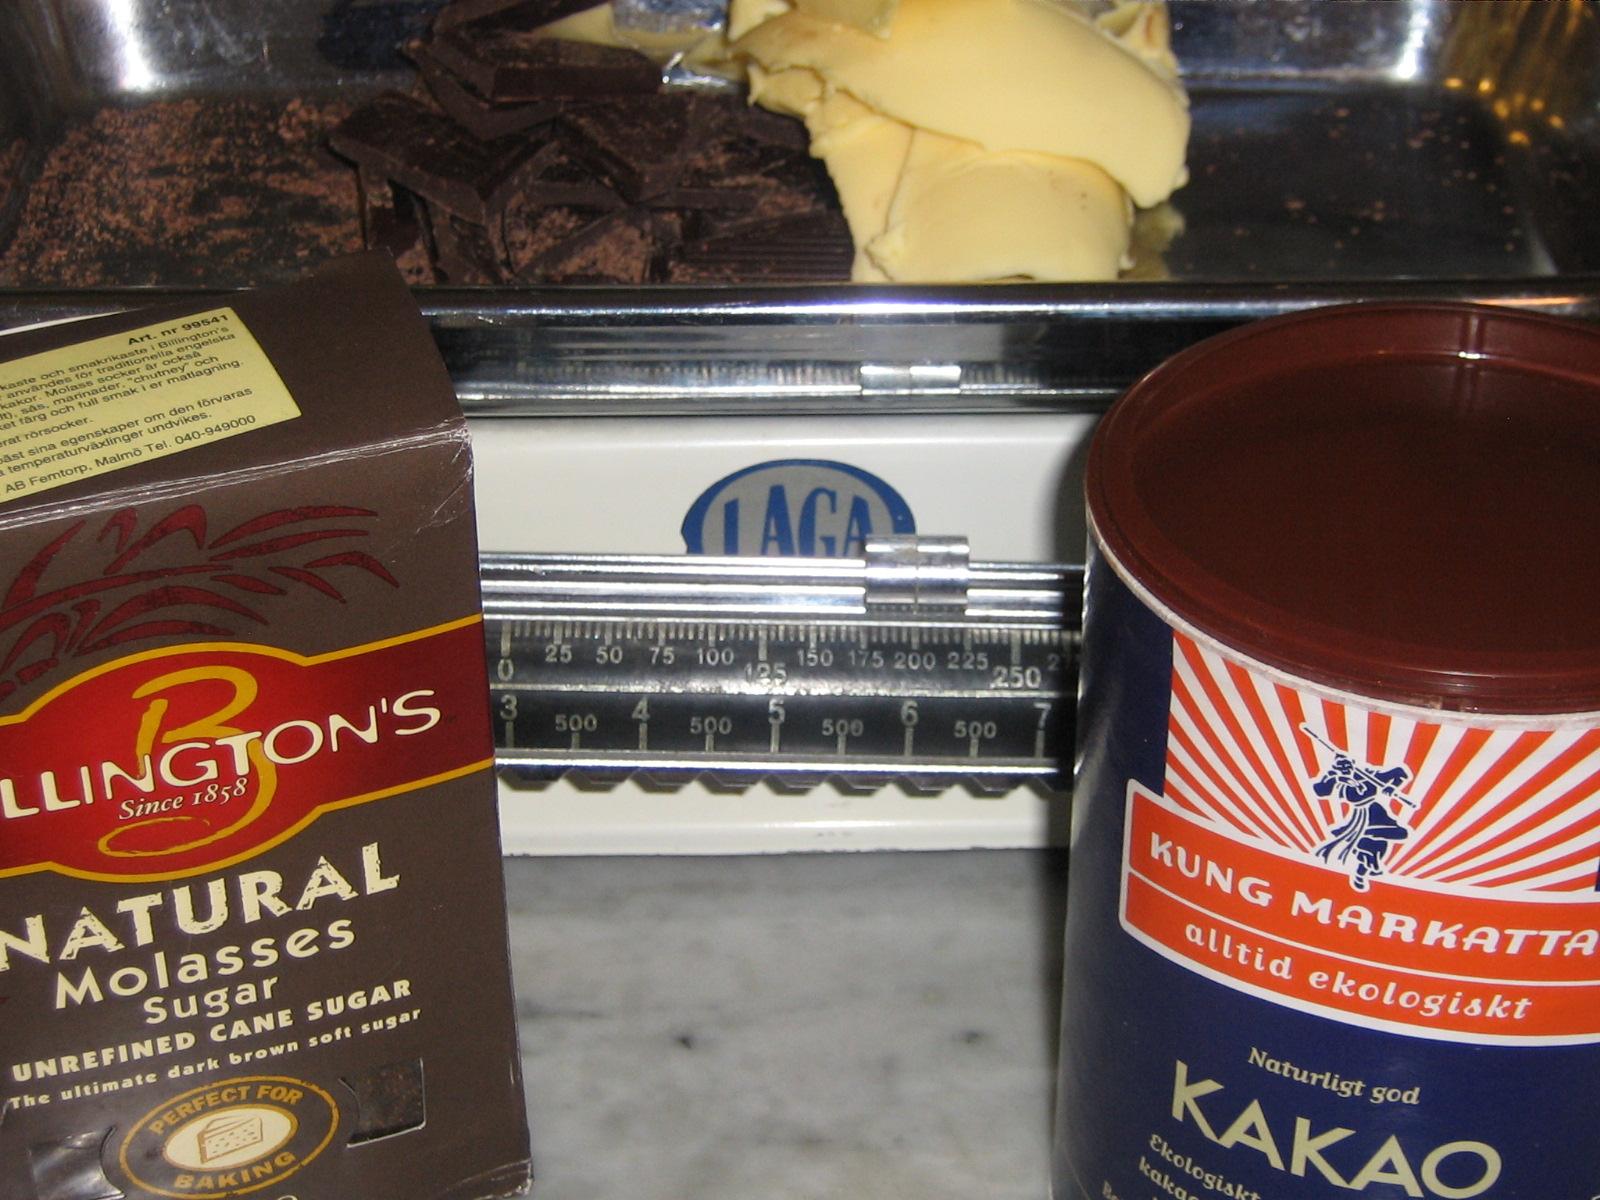 Oraffinerat Råsocker, Kung Markattas Kakao, Valio's Smör och 70%-ig Choklad blir en god Kladdkaka